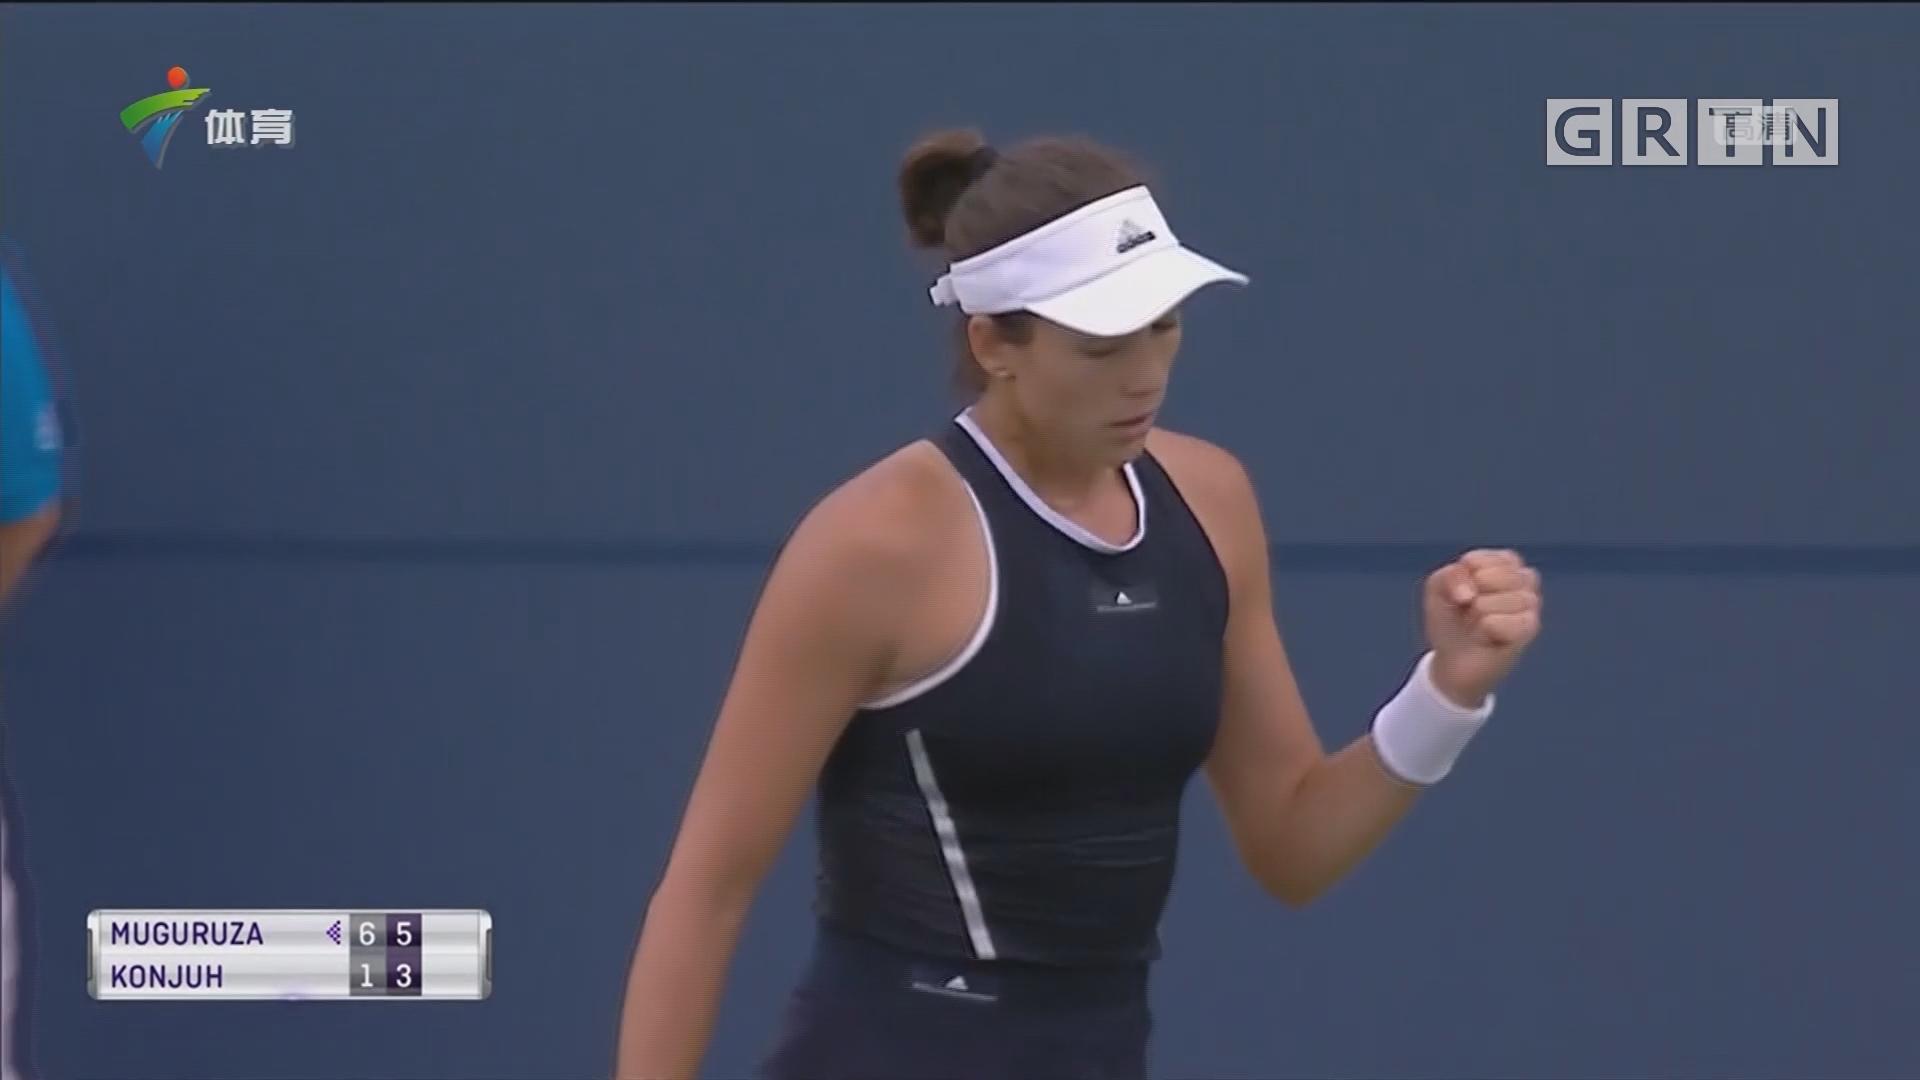 WTA斯坦福赛 穆古拉扎携凯斯晋级四强